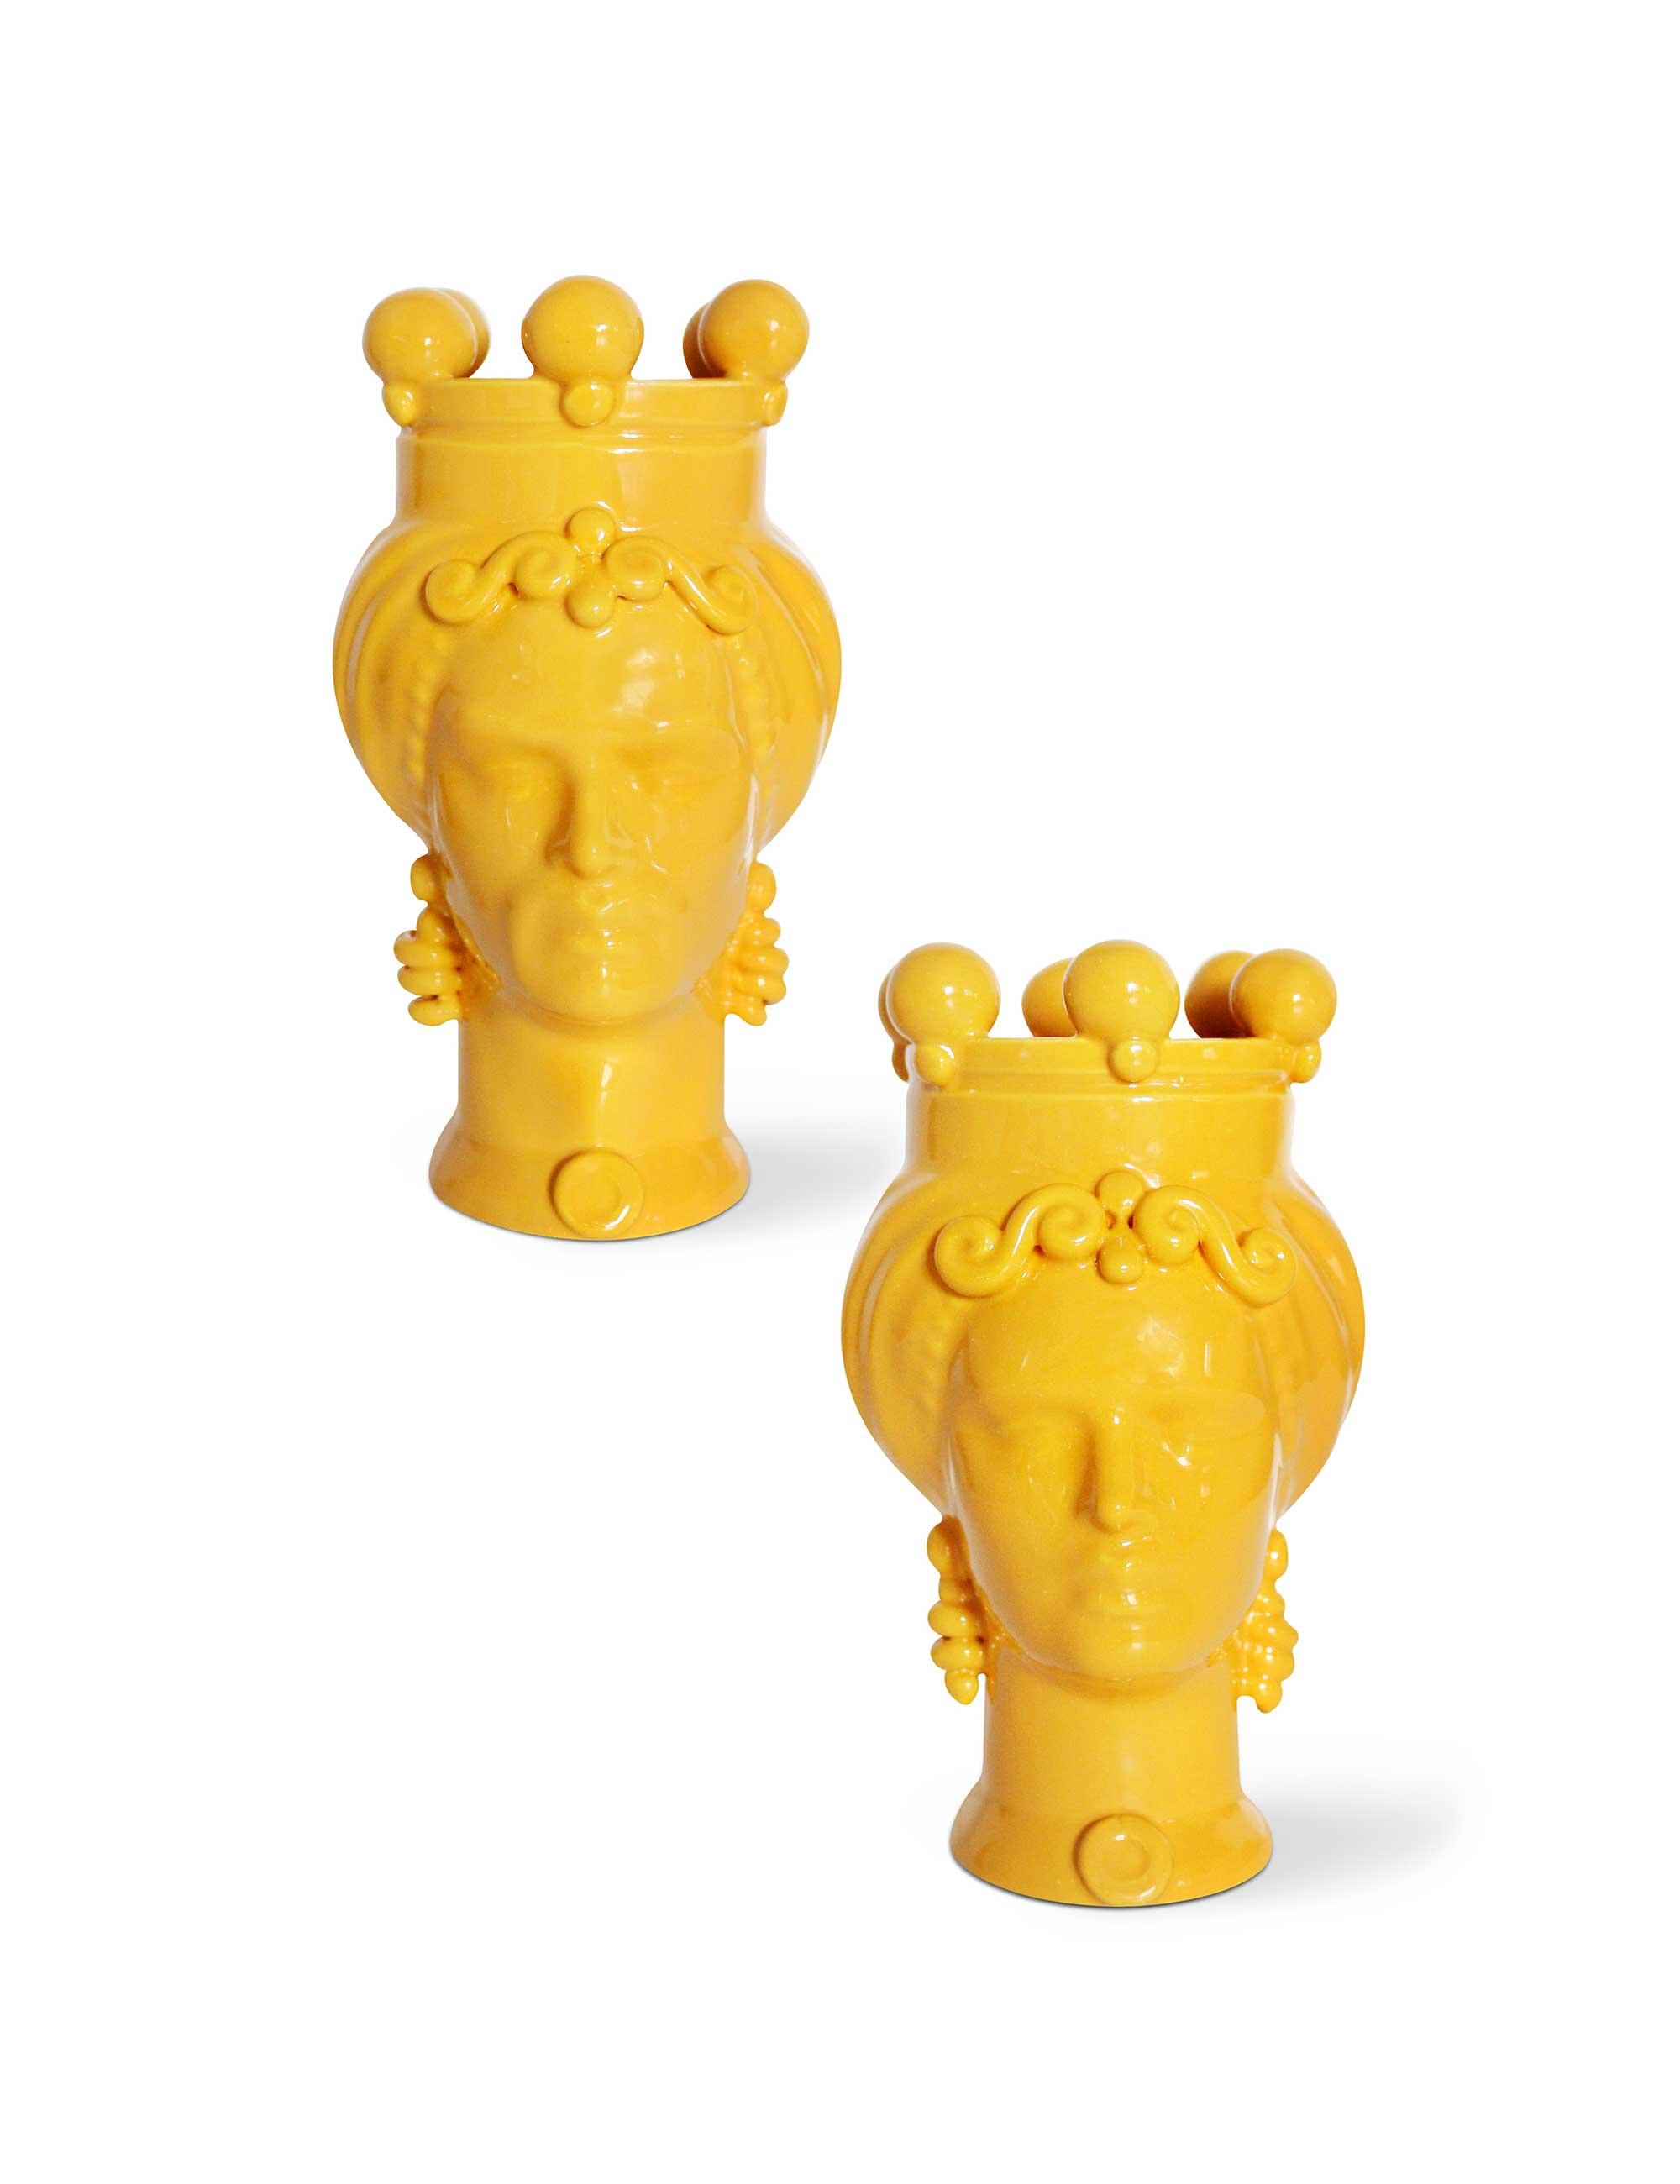 teste di moro dimensione piccola colore giallo picciotti innamorati